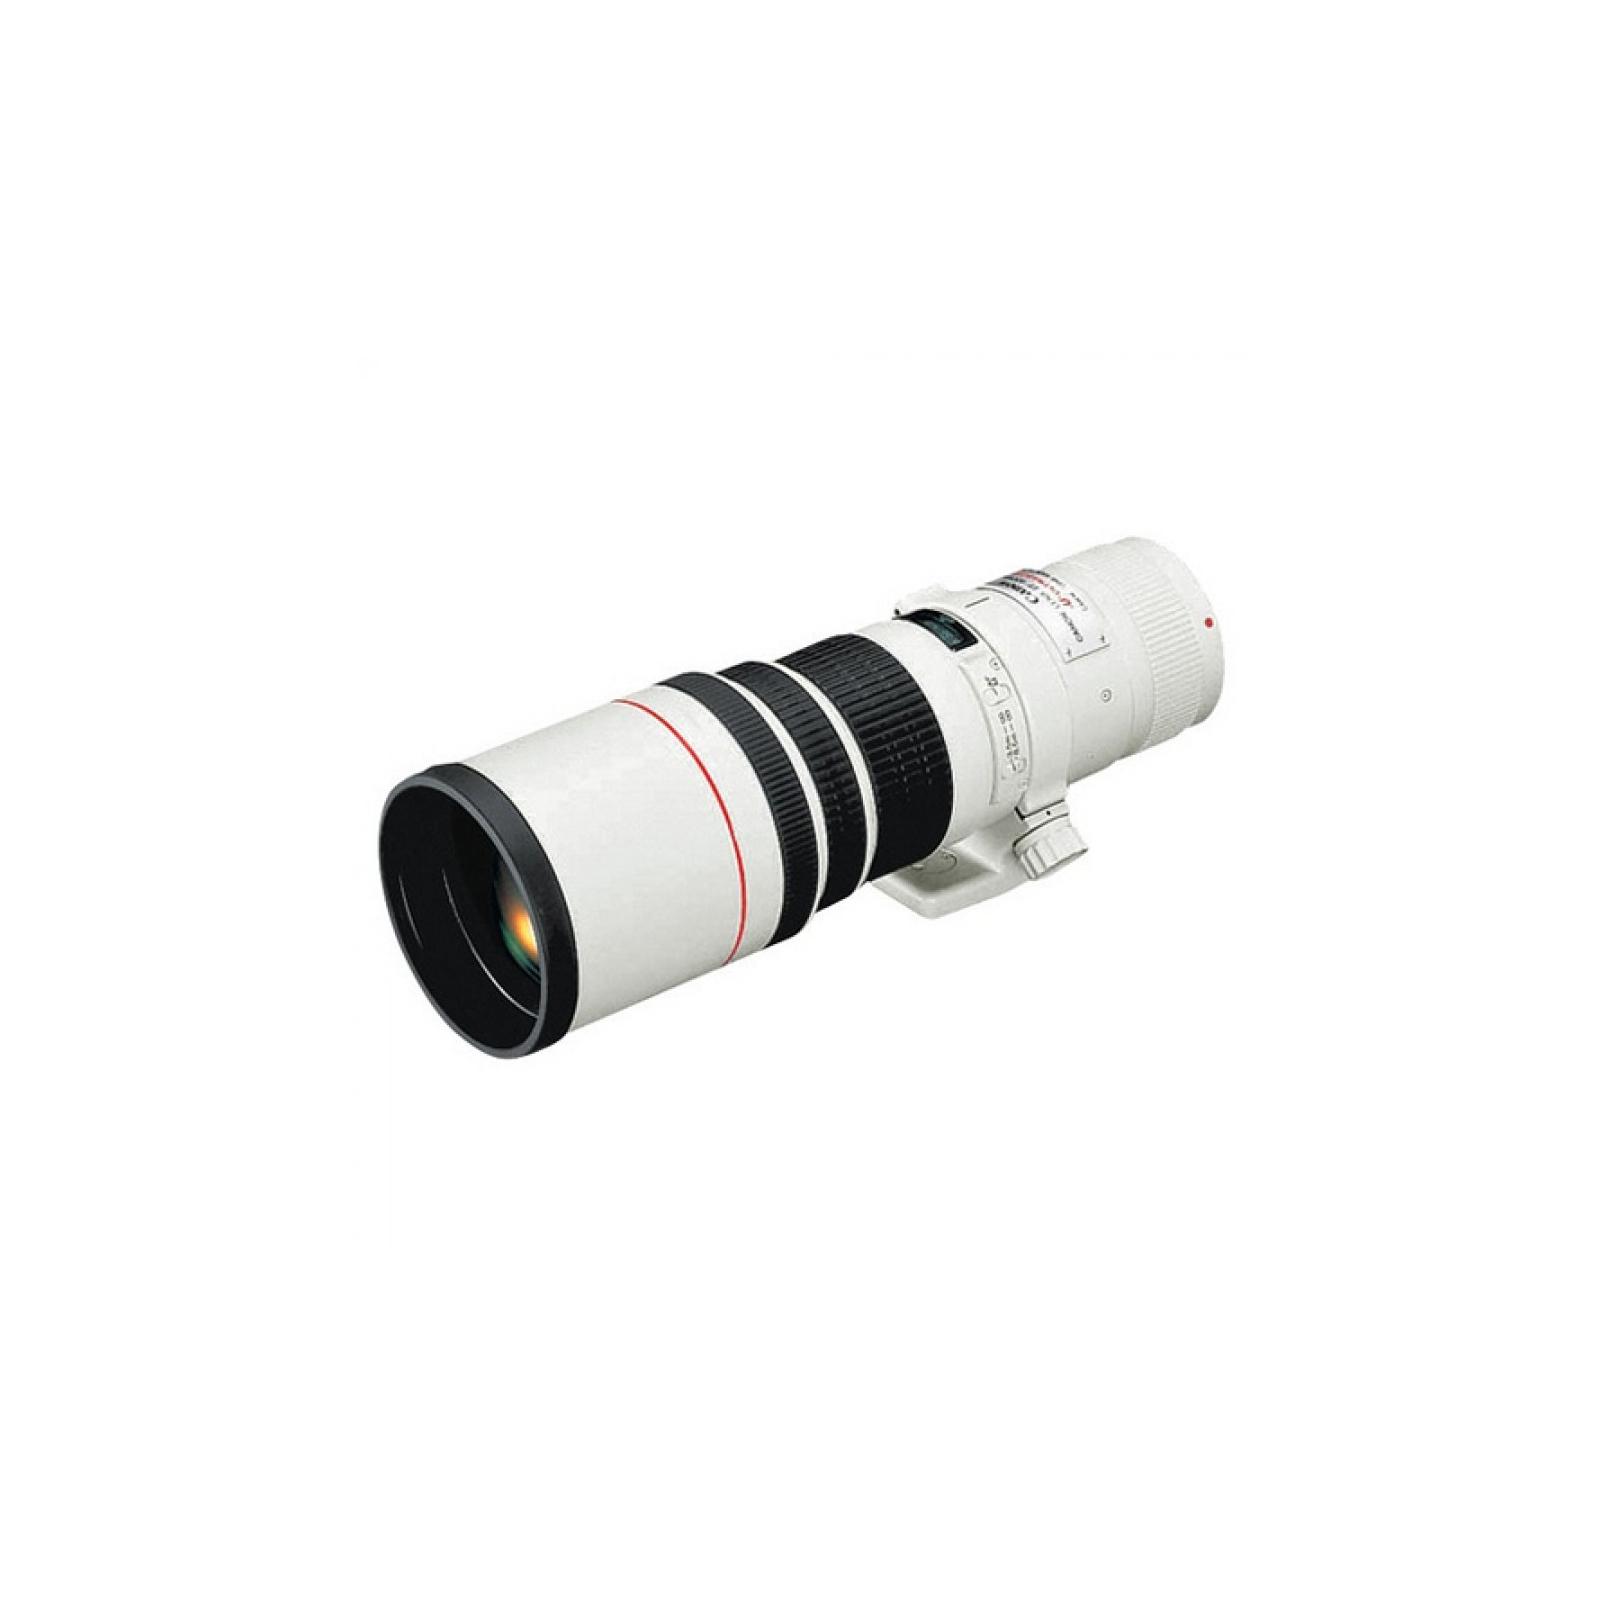 Объектив Canon EF 400mm f/5.6L USM (2526A017) изображение 3